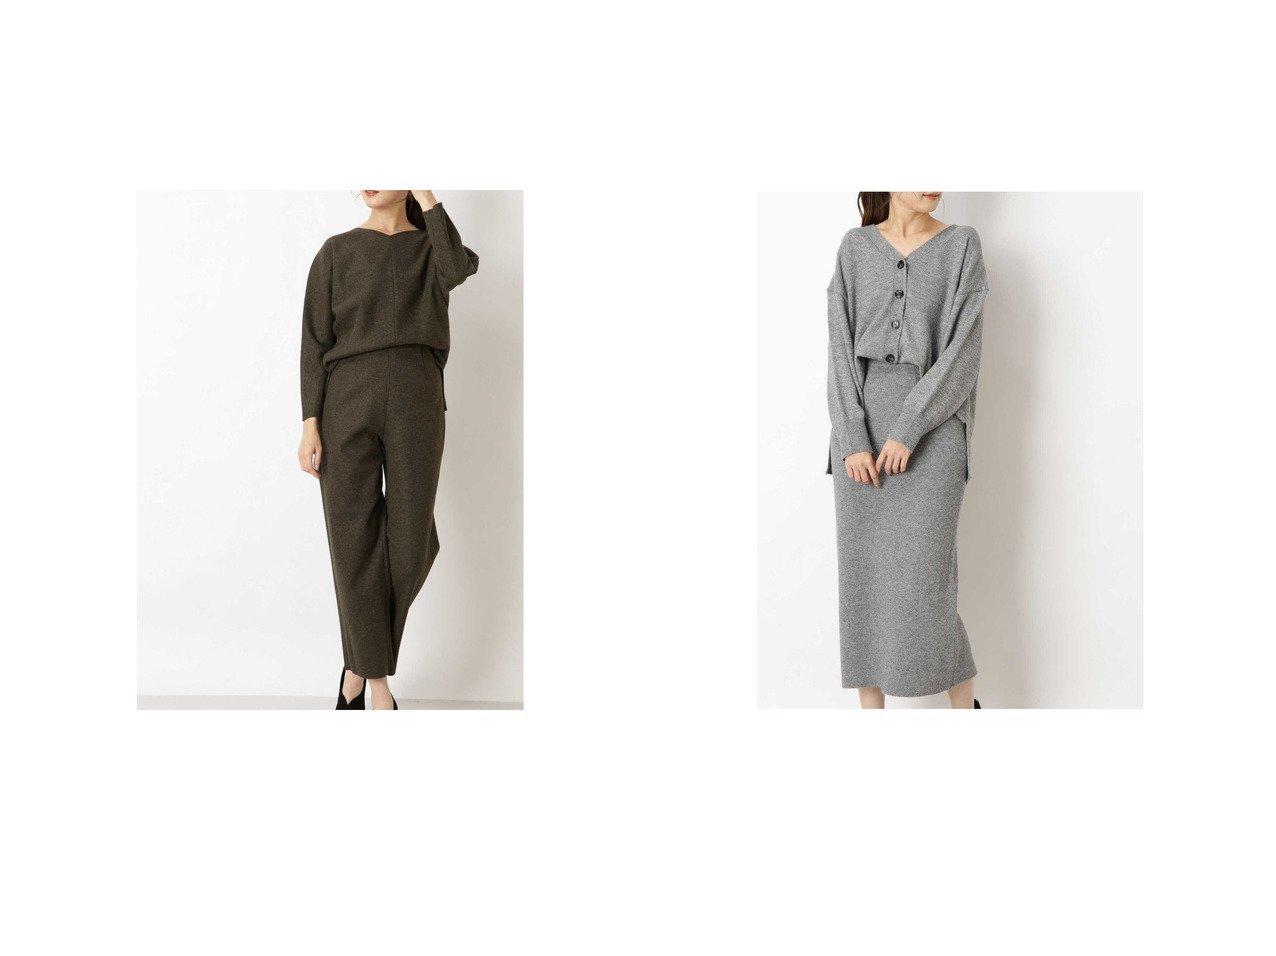 【NATURAL BEAUTY BASIC/ナチュラル ビューティー ベーシック】の圧縮ジャージカットソーセットアップ&カジュアルニットセットアップ ワンピース・ドレスのおすすめ!人気、レディースファッションの通販 おすすめファッション通販アイテム インテリア・キッズ・メンズ・レディースファッション・服の通販 founy(ファニー) ファッション Fashion レディース WOMEN セットアップ Setup アクリル ジャージー セットアップ フォルム ボトム ベージュ系 Beige グリーン系 Green グレー系 Gray |ID:crp329100000004784